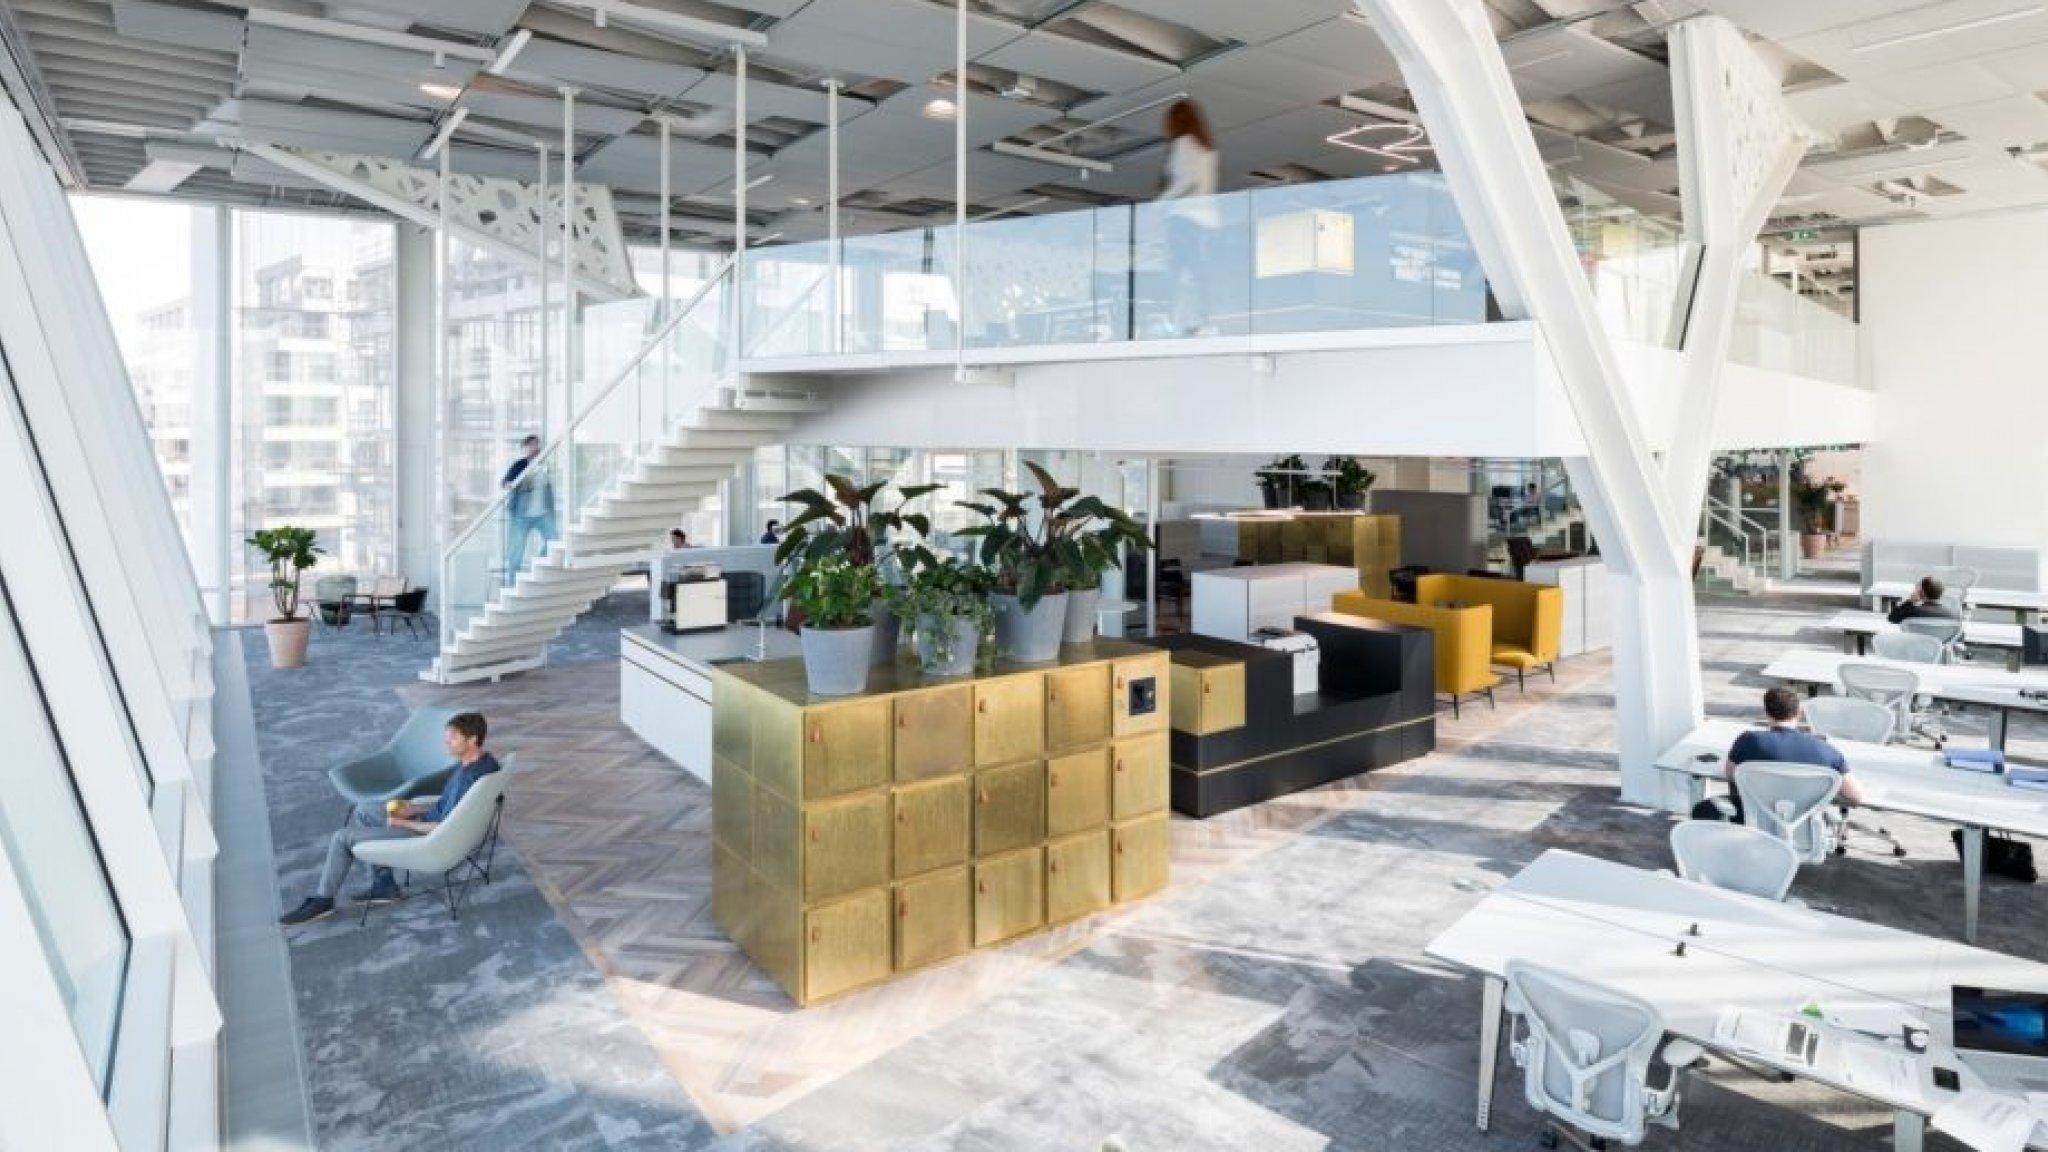 Zo wordt jouw kantoor het tofste kantoor in de wereld!